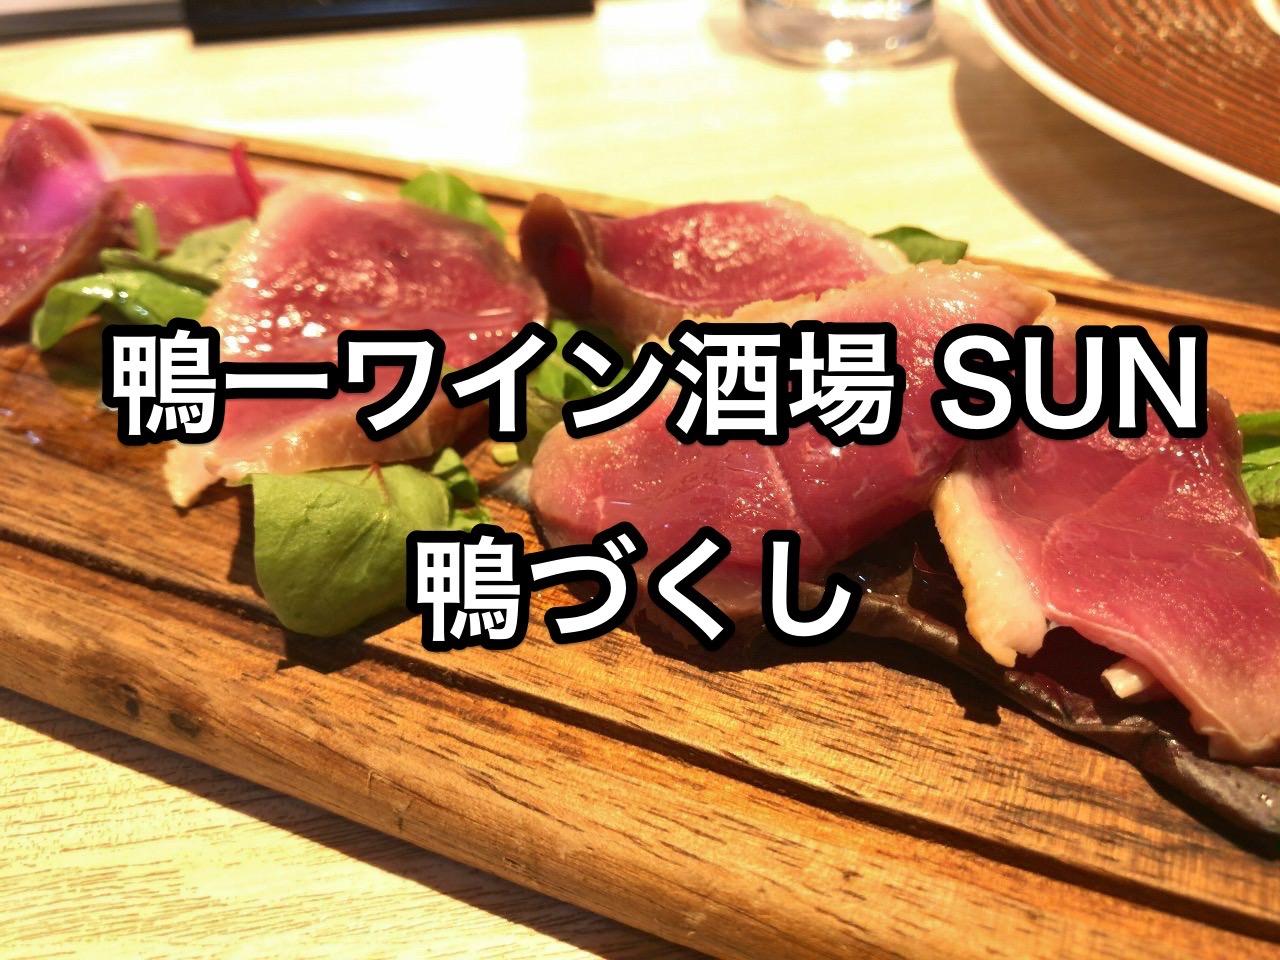 「鴨一ワイン酒場 SUN」刺身からロース炭火焼きまで全ての鴨料理が絶品!【上野】